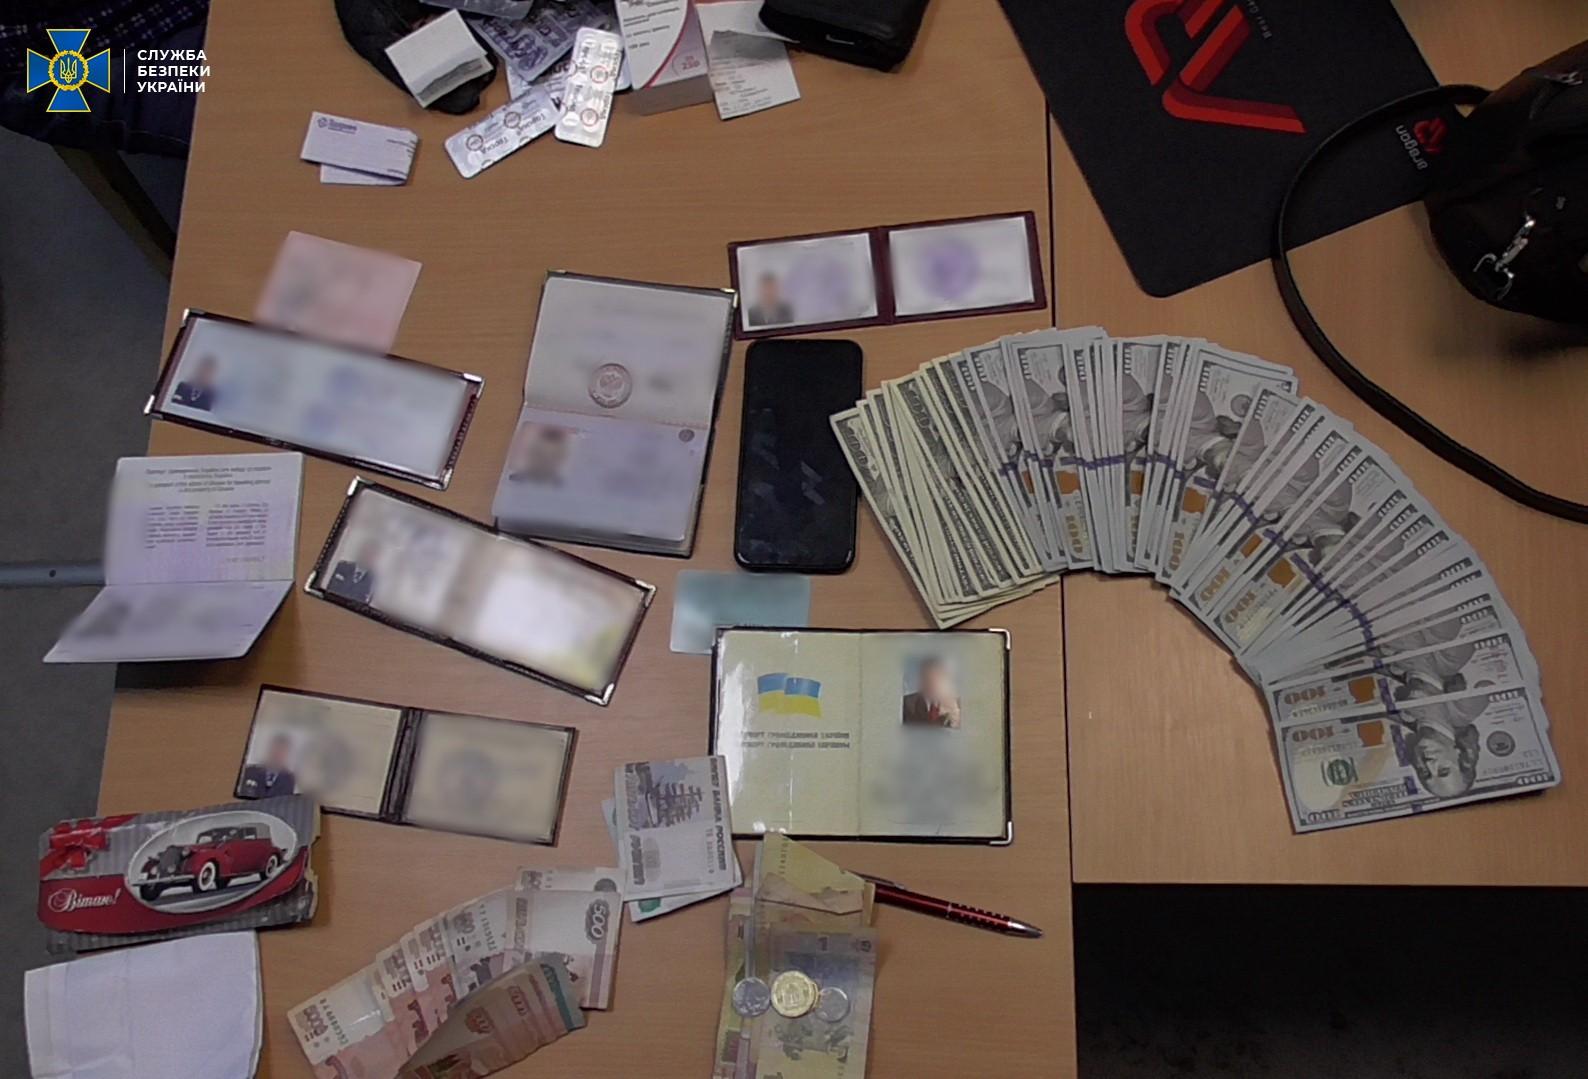 Досмотр вещей задержанного. Фото: Служба безопасности Украины.